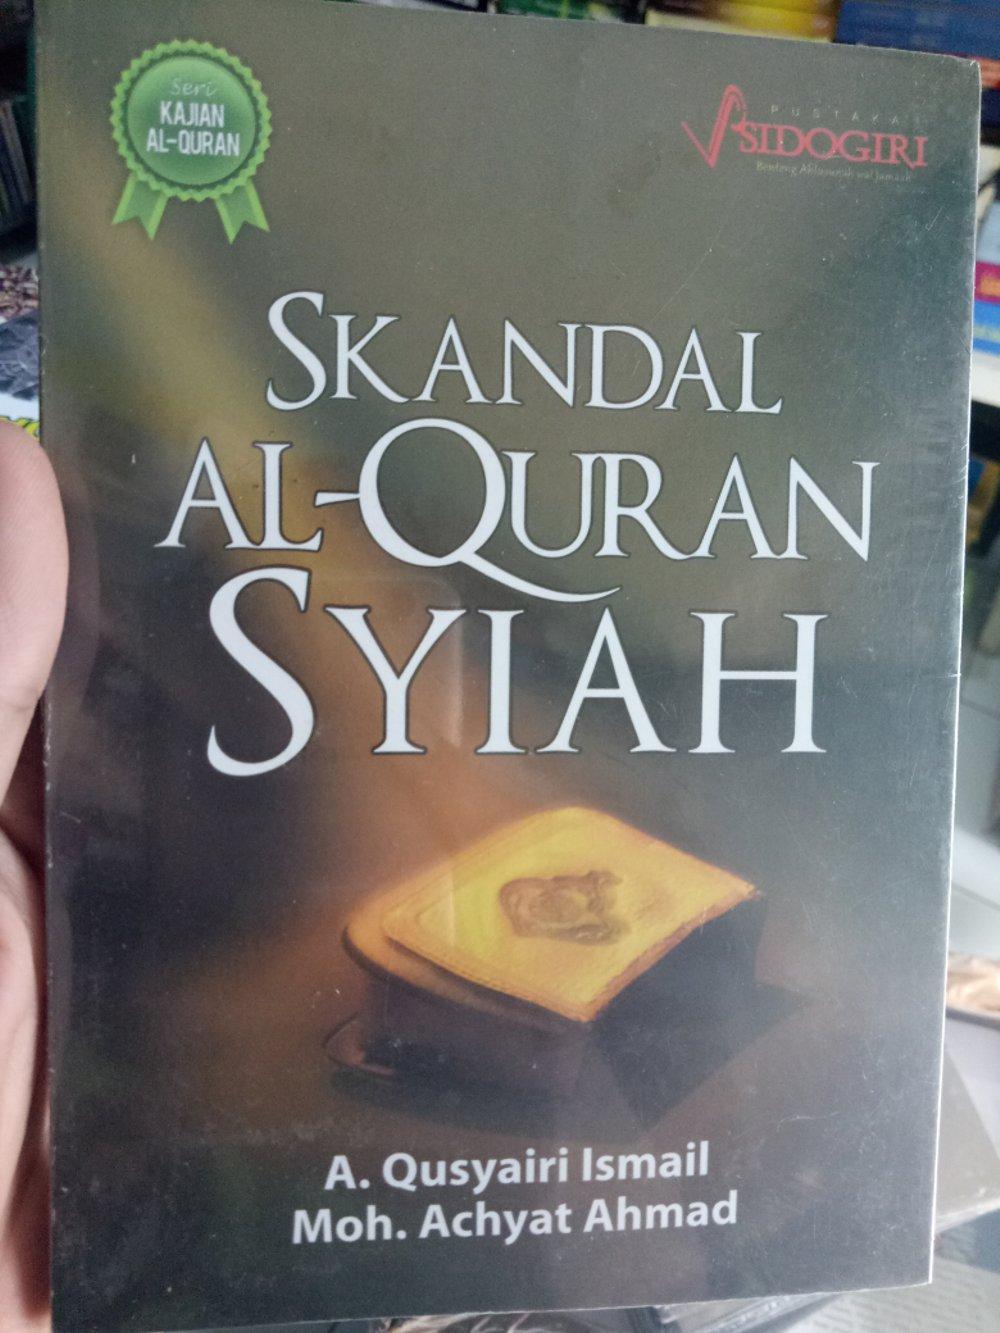 Skandal Al-Quran Syiah - A. Qusyairi Ismail By Metro Bookstore Malang.